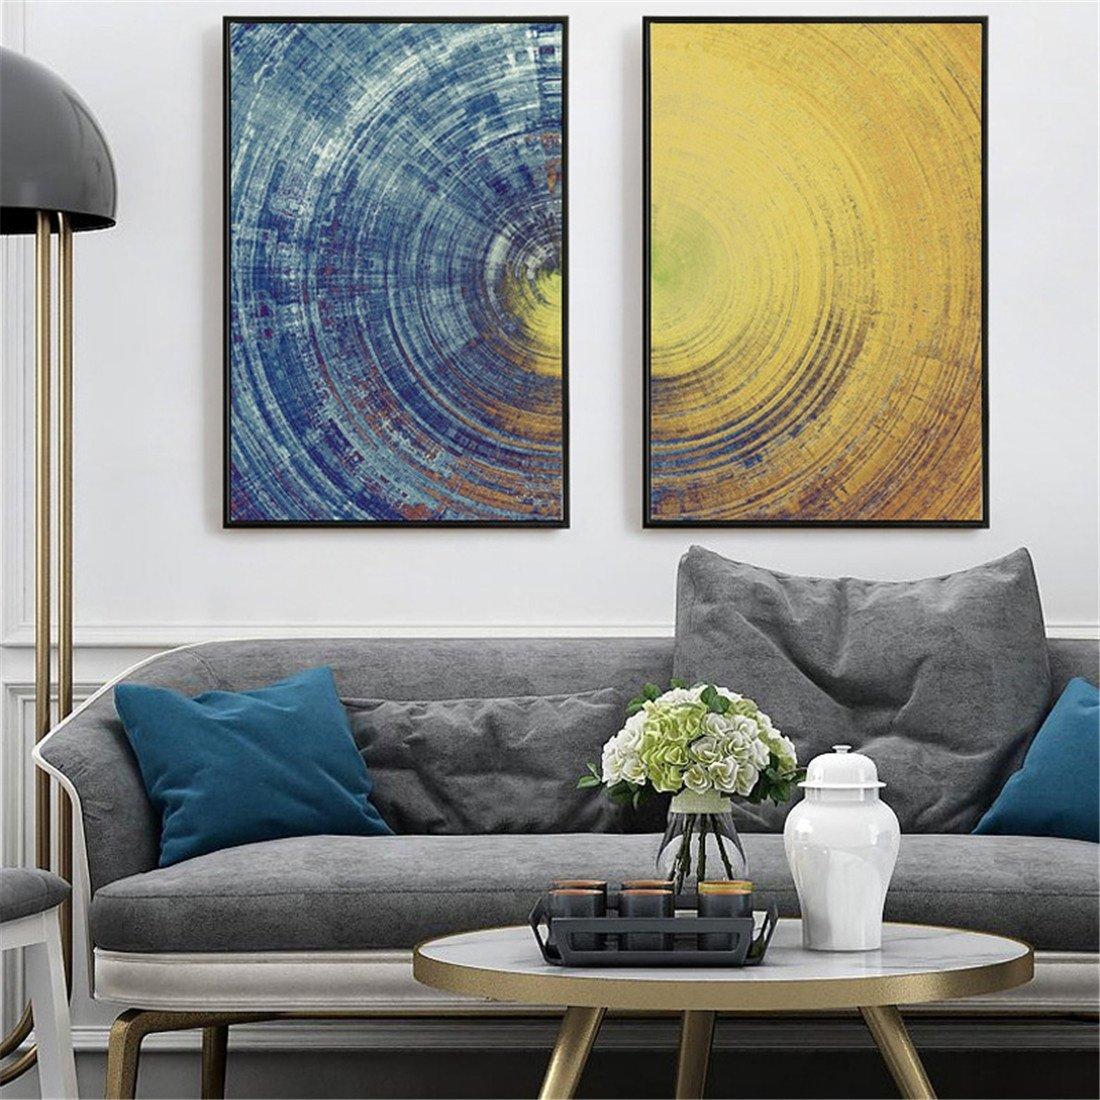 HONGLInórdico Dormitorio cabecera Abstracto Pintura Decorativa Pintura Minimalista Personalidad Creativa Salón Arte Pintura Colgantes de la Pintura 40  603.5cm